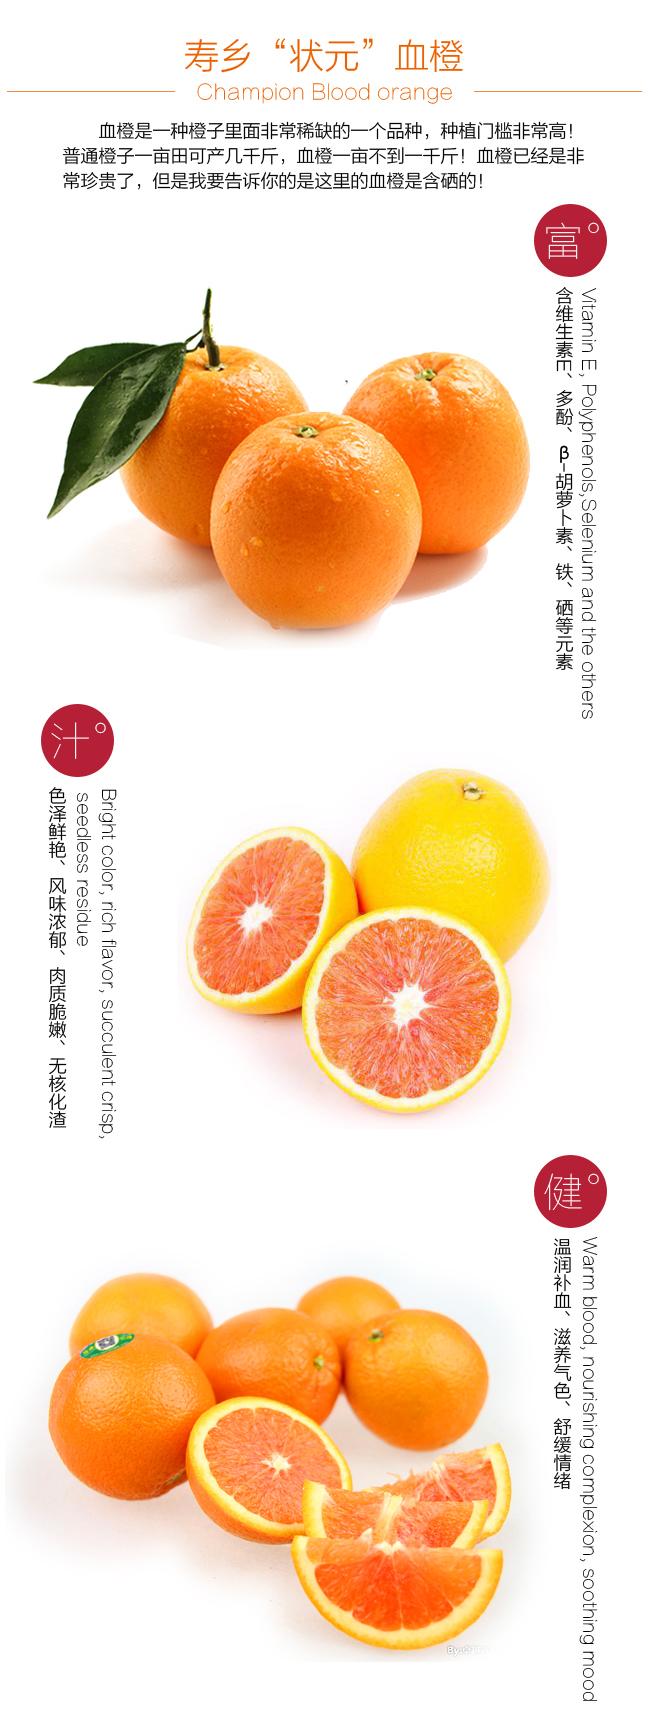 寿乡状元血橙